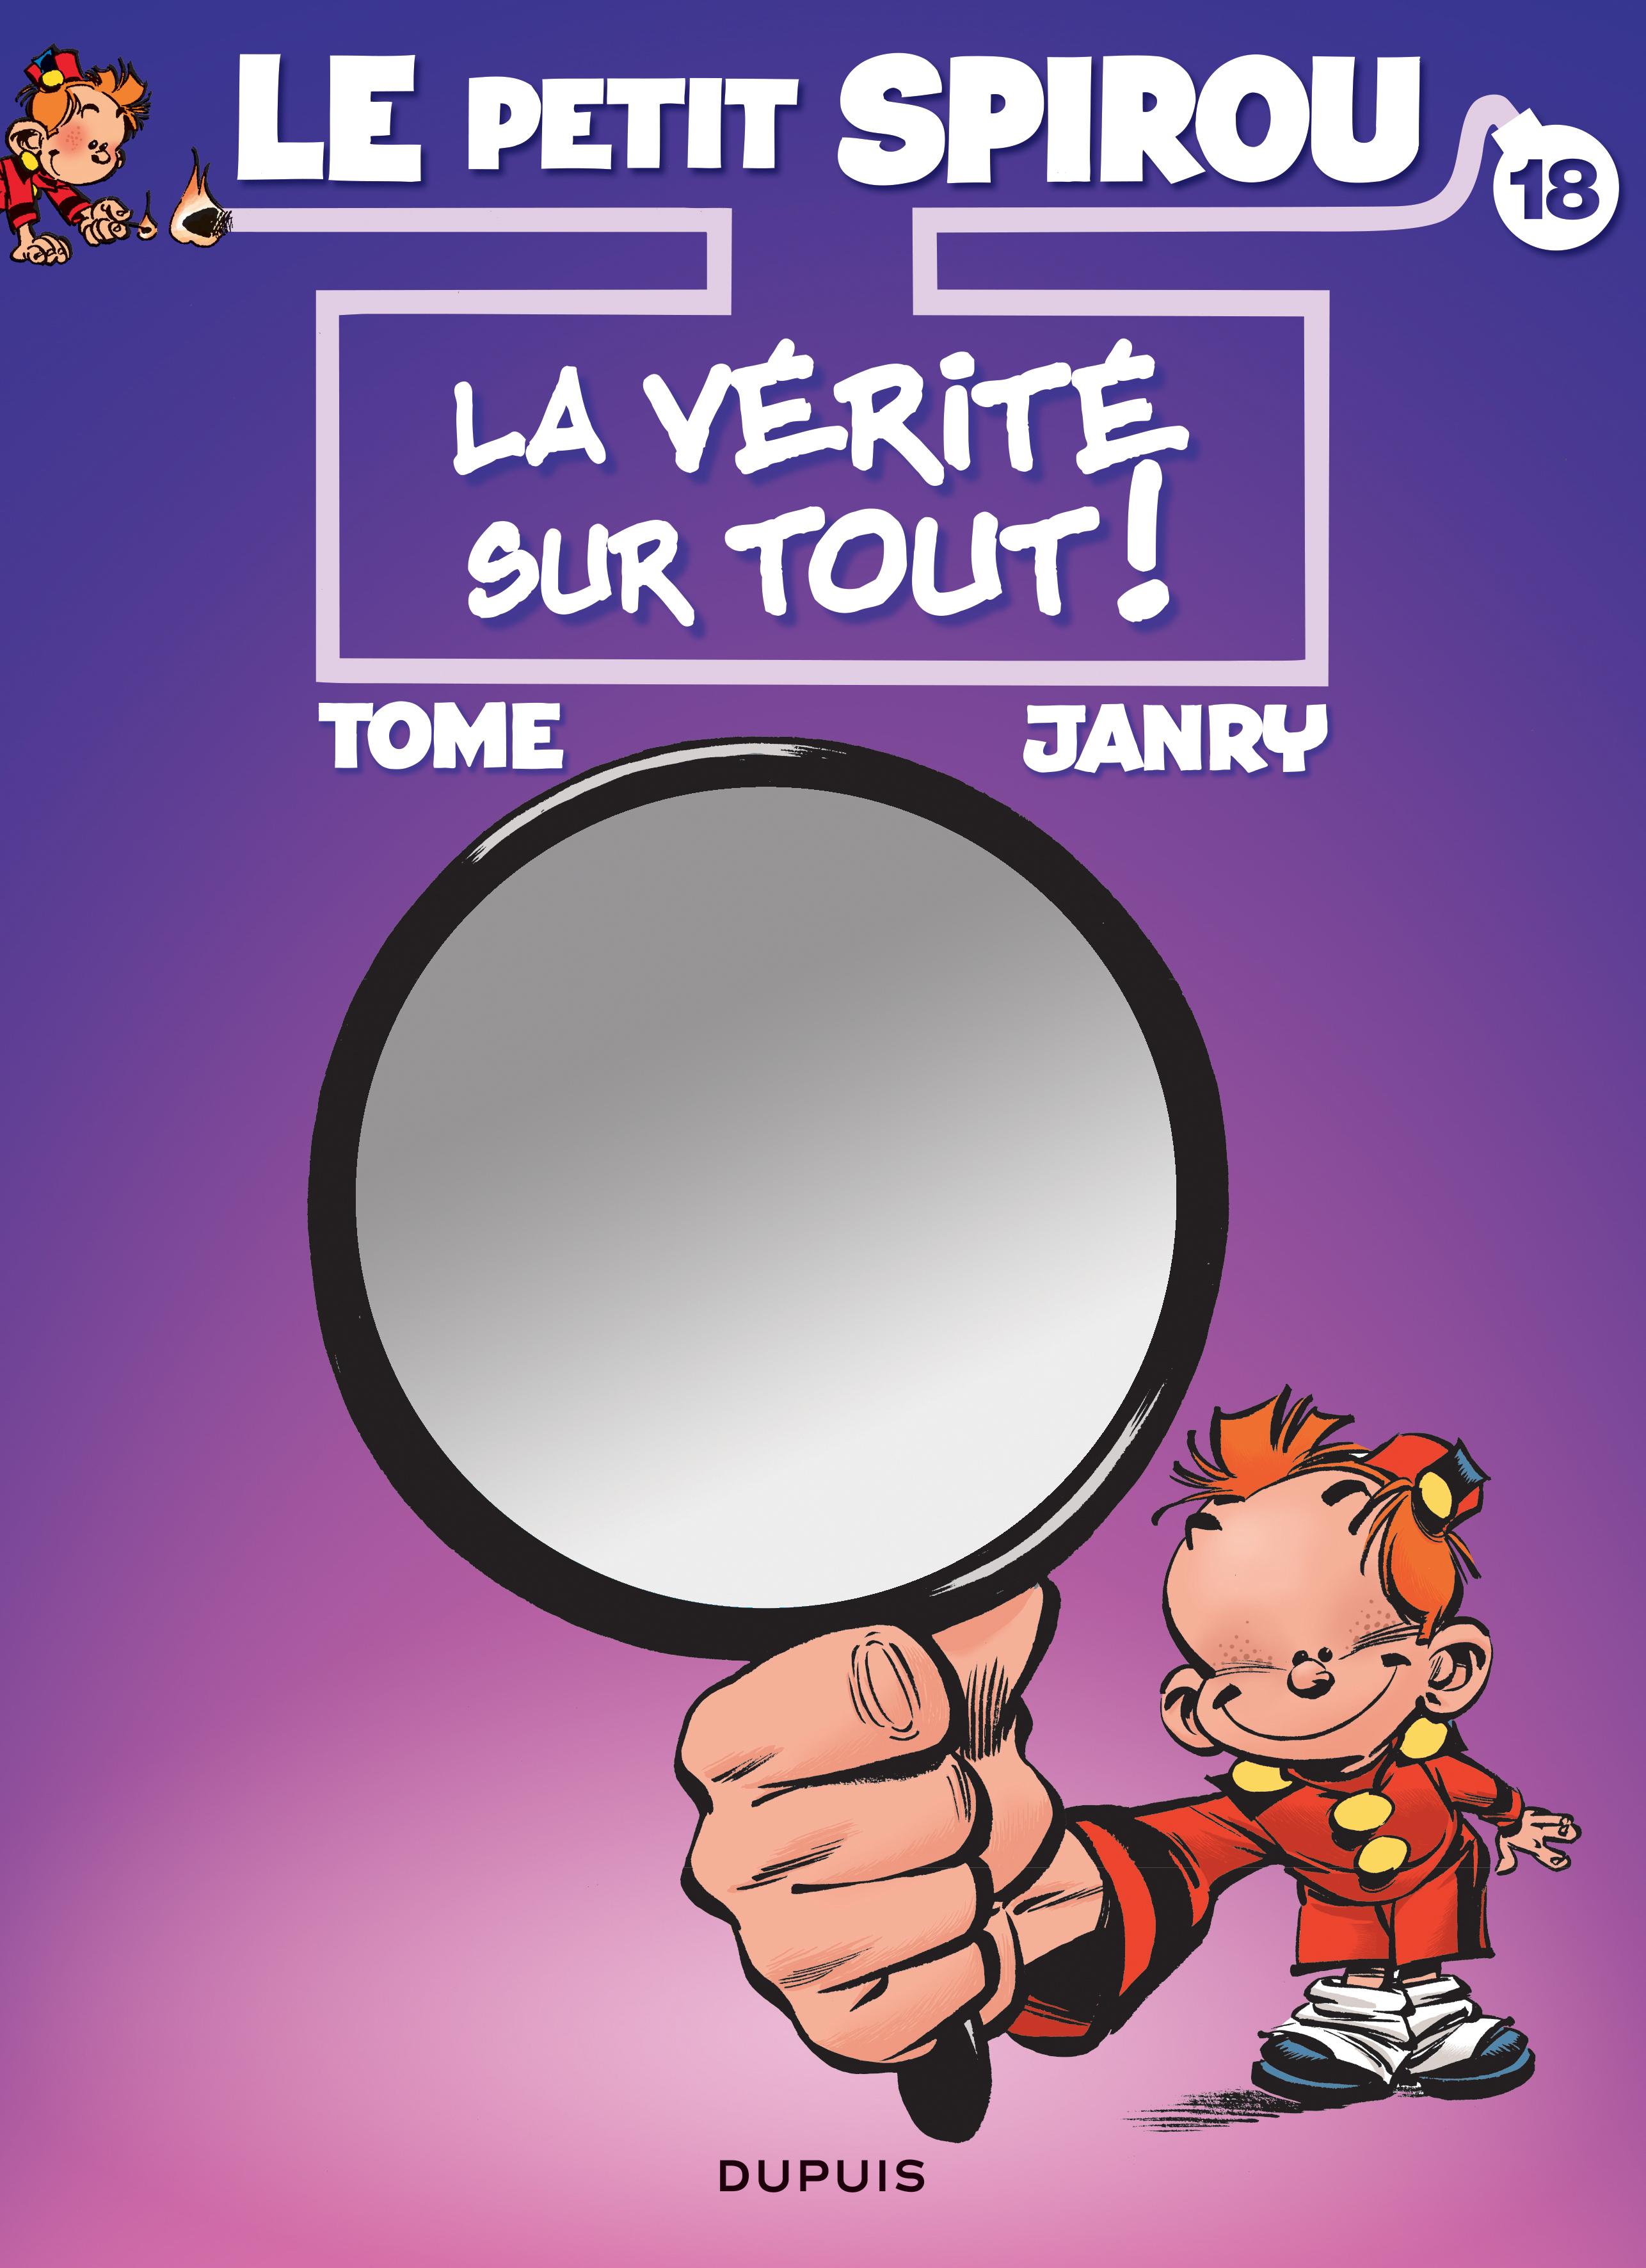 LE PETIT SPIROU - TOME 18 - LA VERITE SUR TOUT ! (BIS)